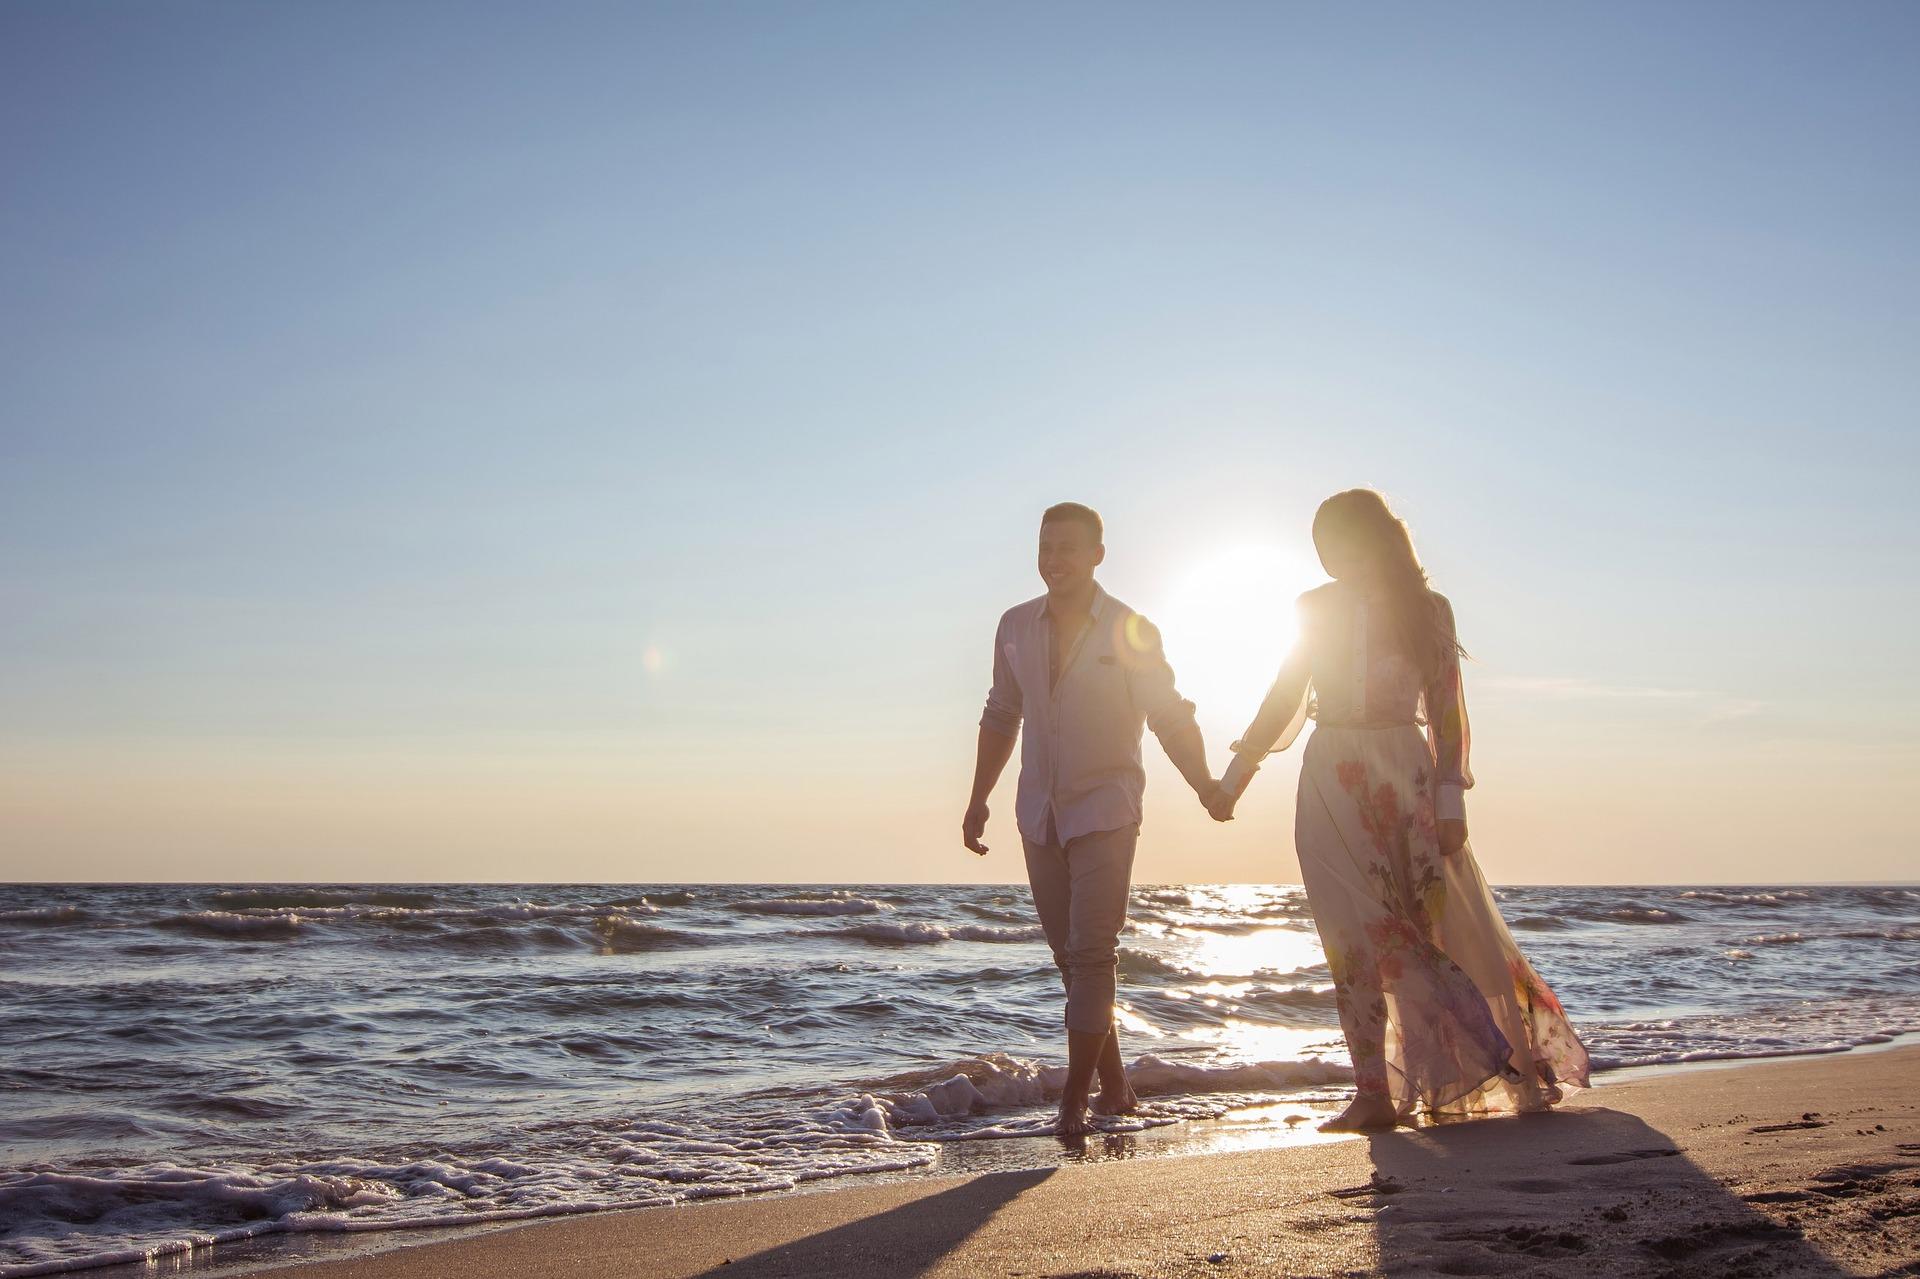 情で復縁して付き合う男性の本音とやり直した後惰性の恋愛にならず本気で愛し合える方法